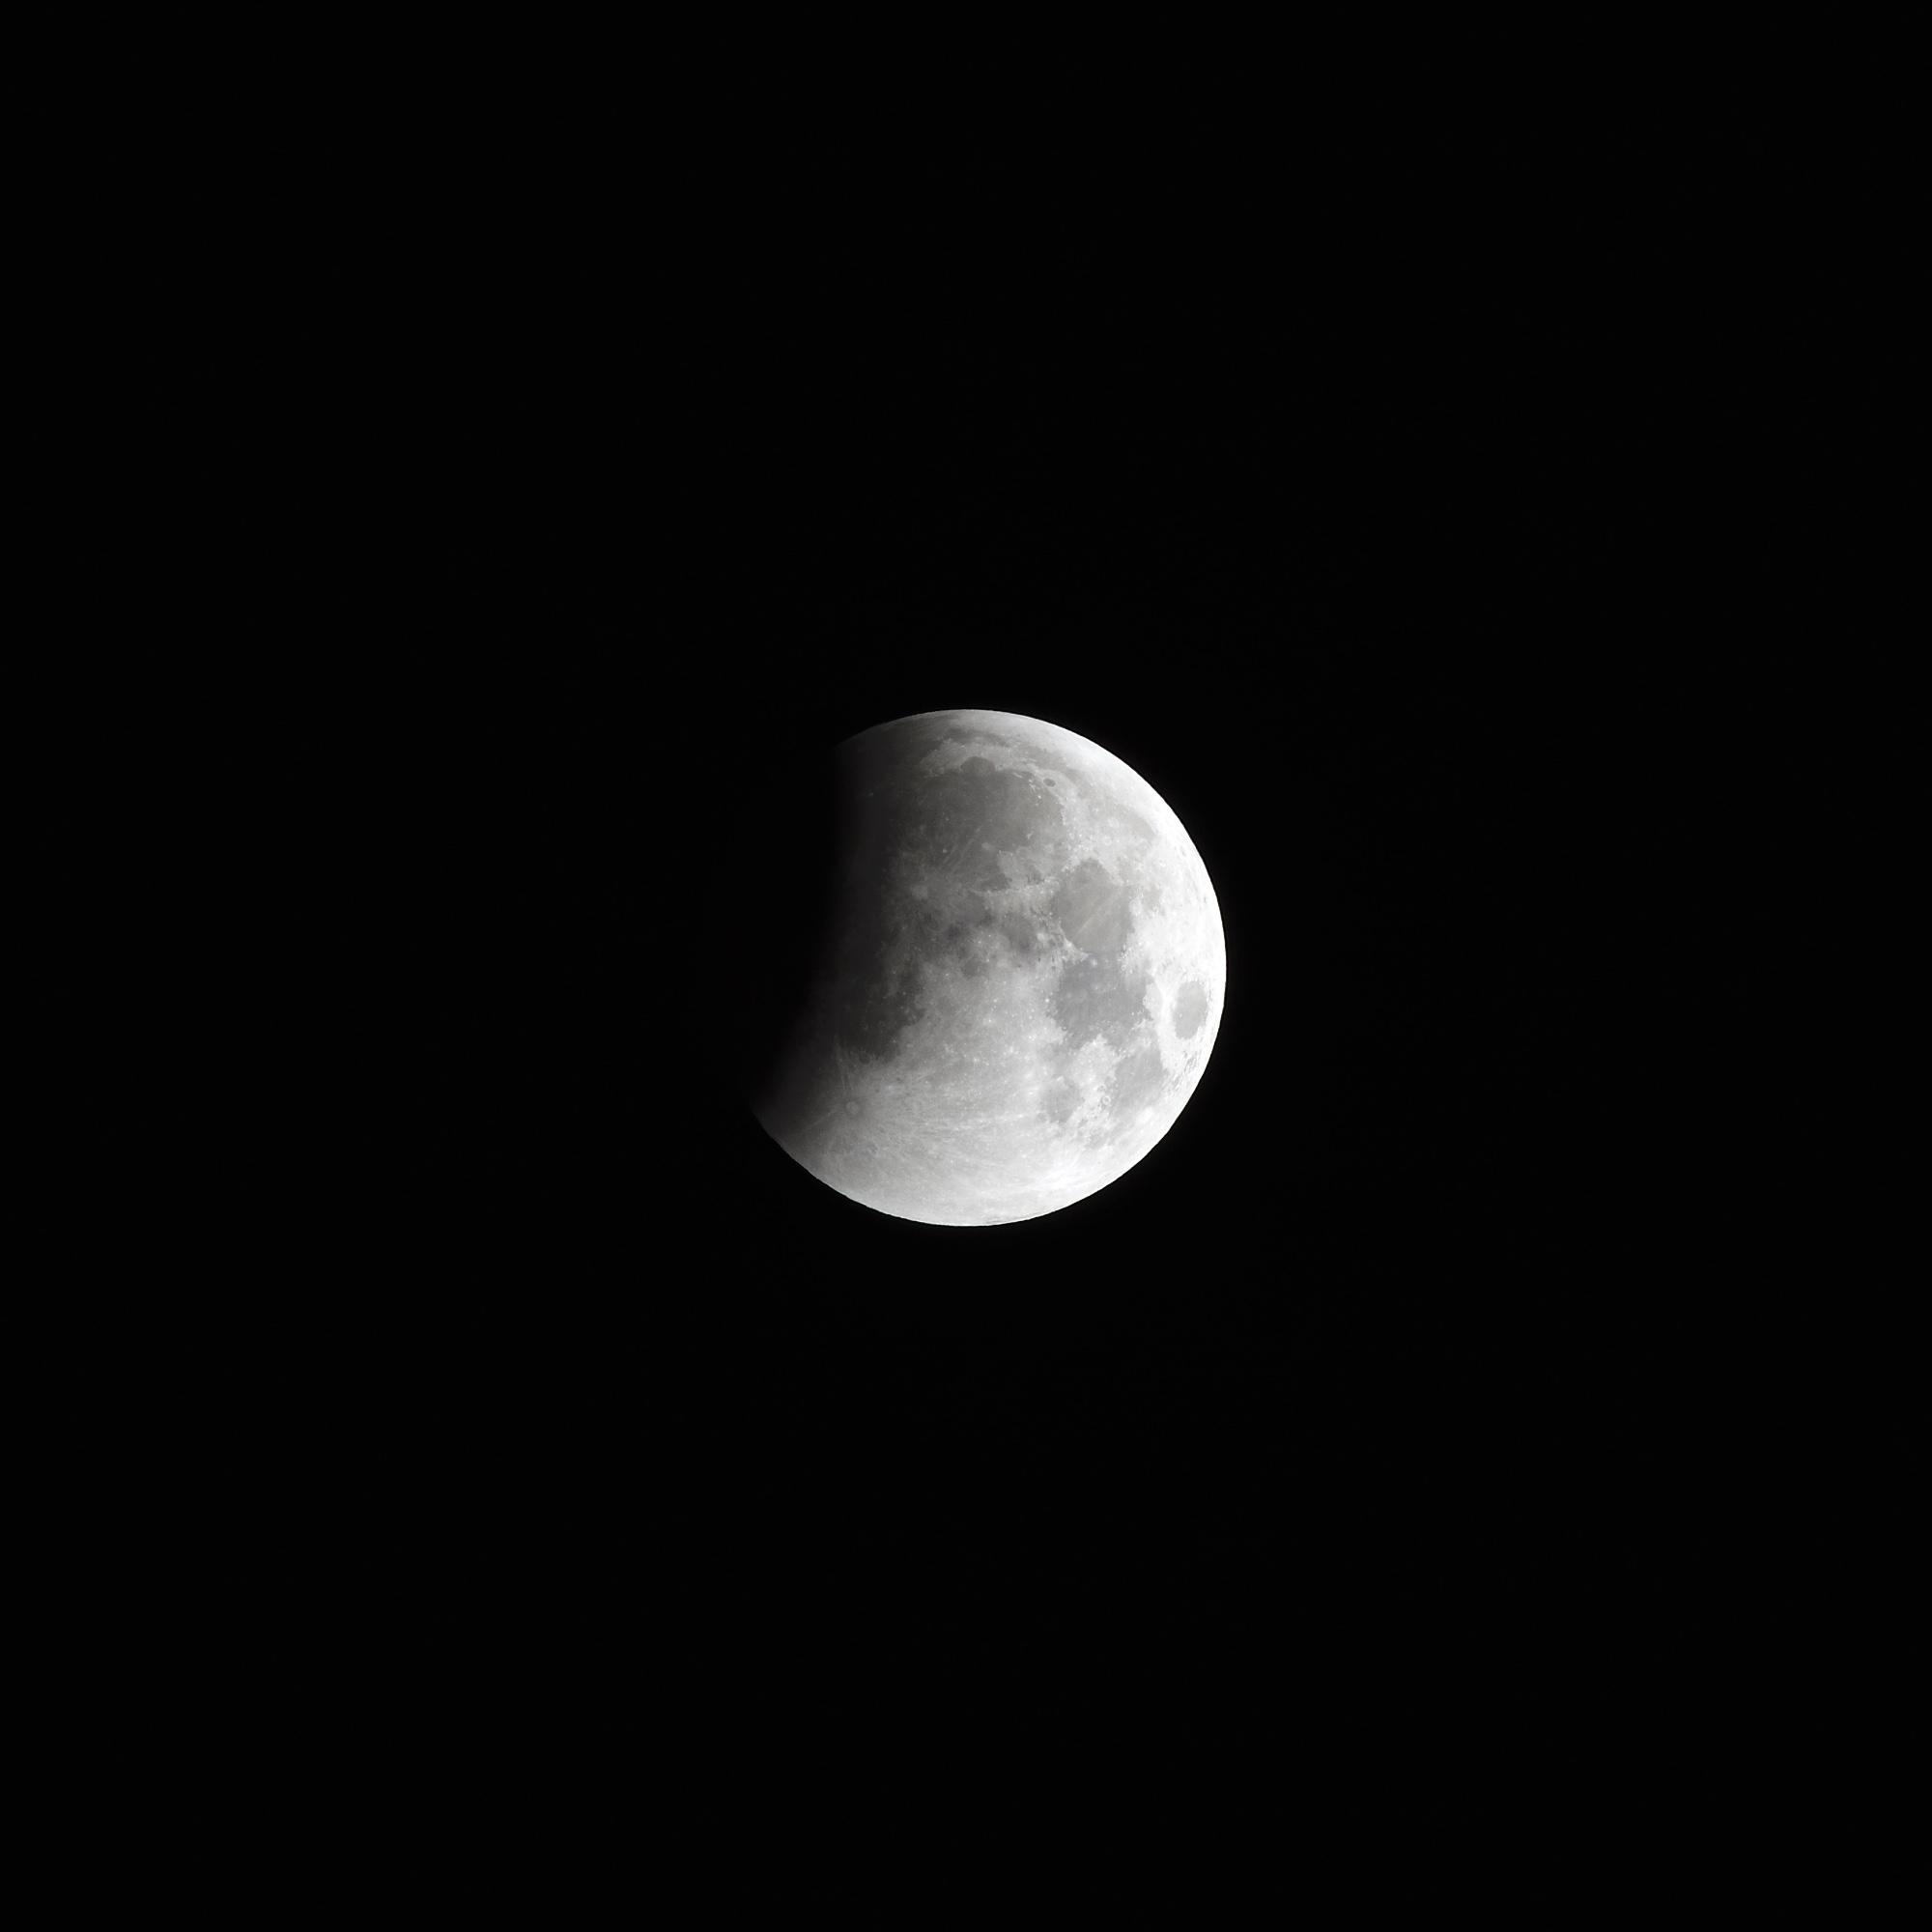 Eclipse de la Lune, le 21/01/19 : 2019-011